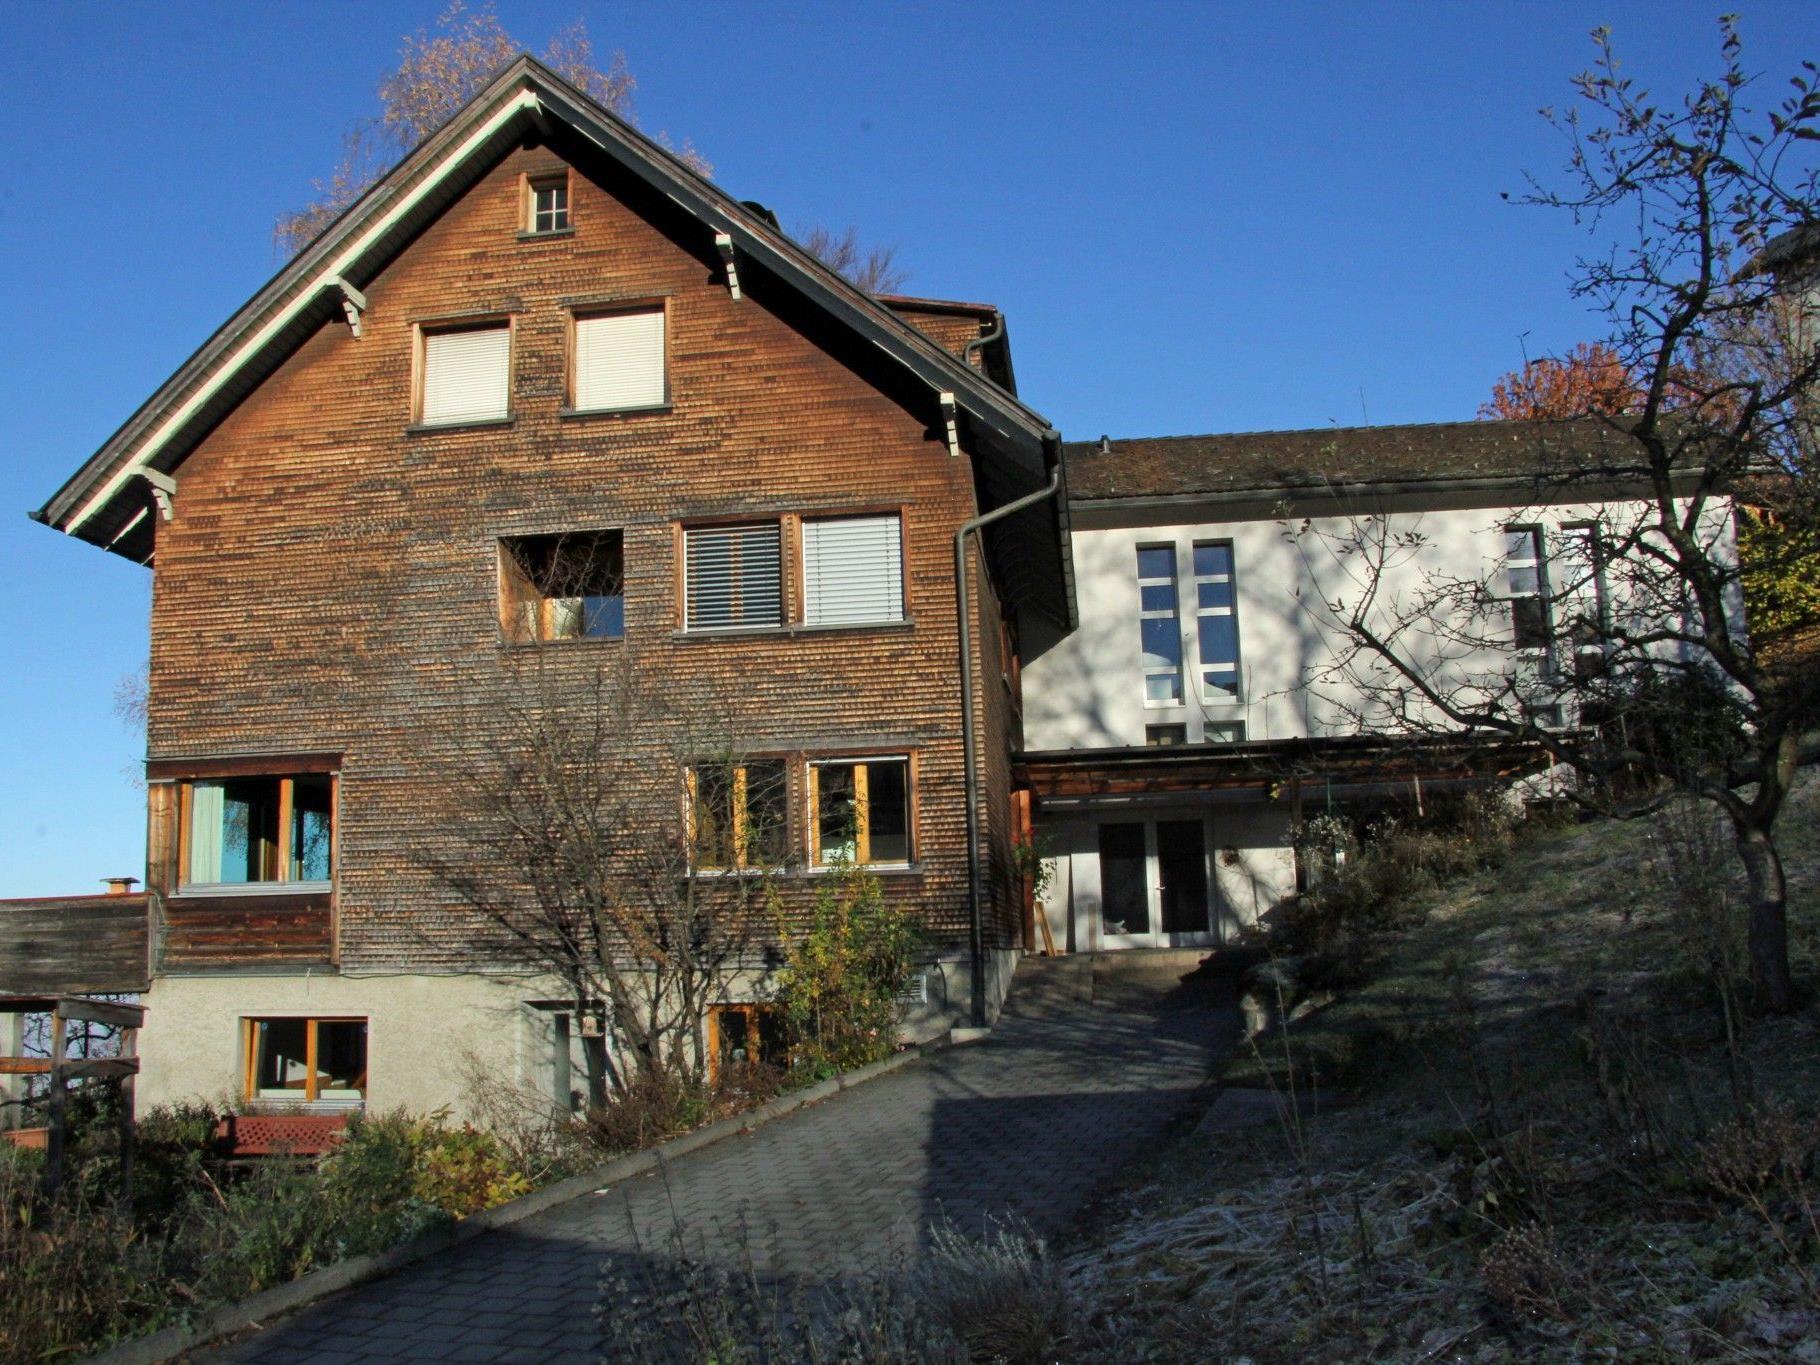 Das Haus der Frohbotschaft in Batschuns wird das neue Zuhause von 27 Asylwerbern